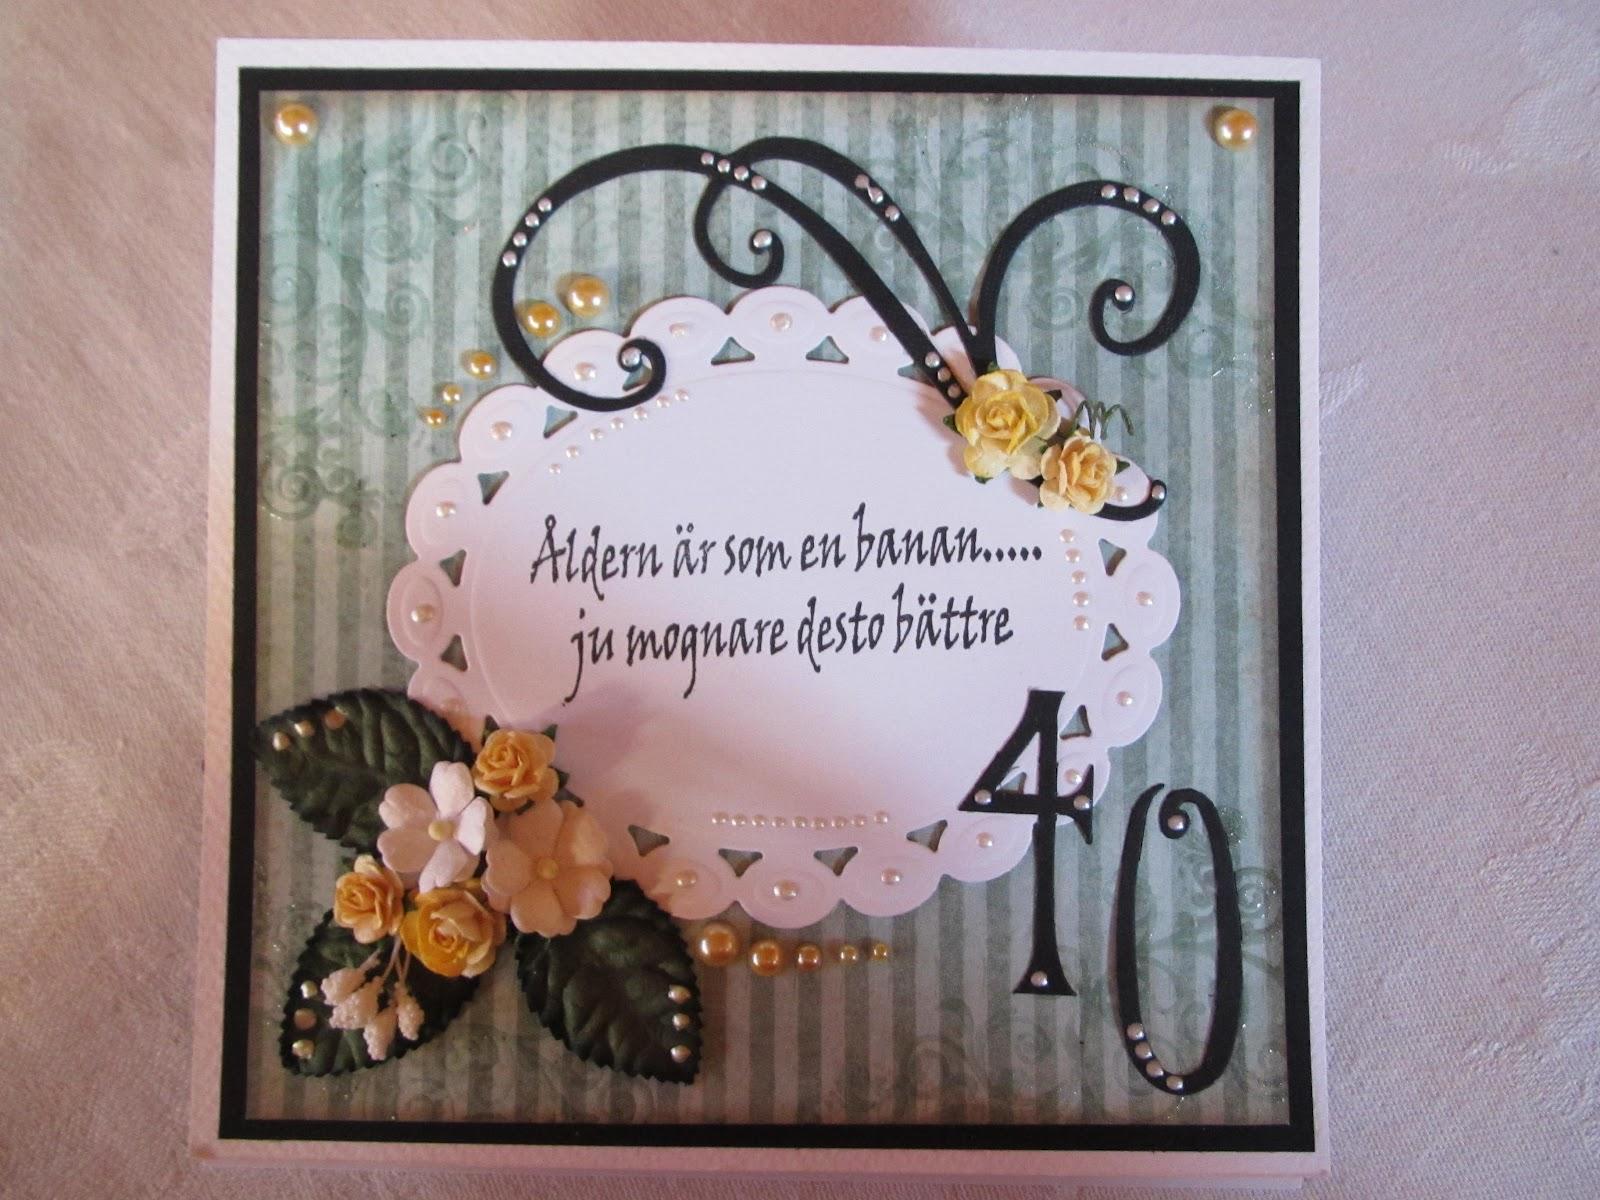 roliga grattiskort 40 år Evas pysselhörna: februari 2012 roliga grattiskort 40 år